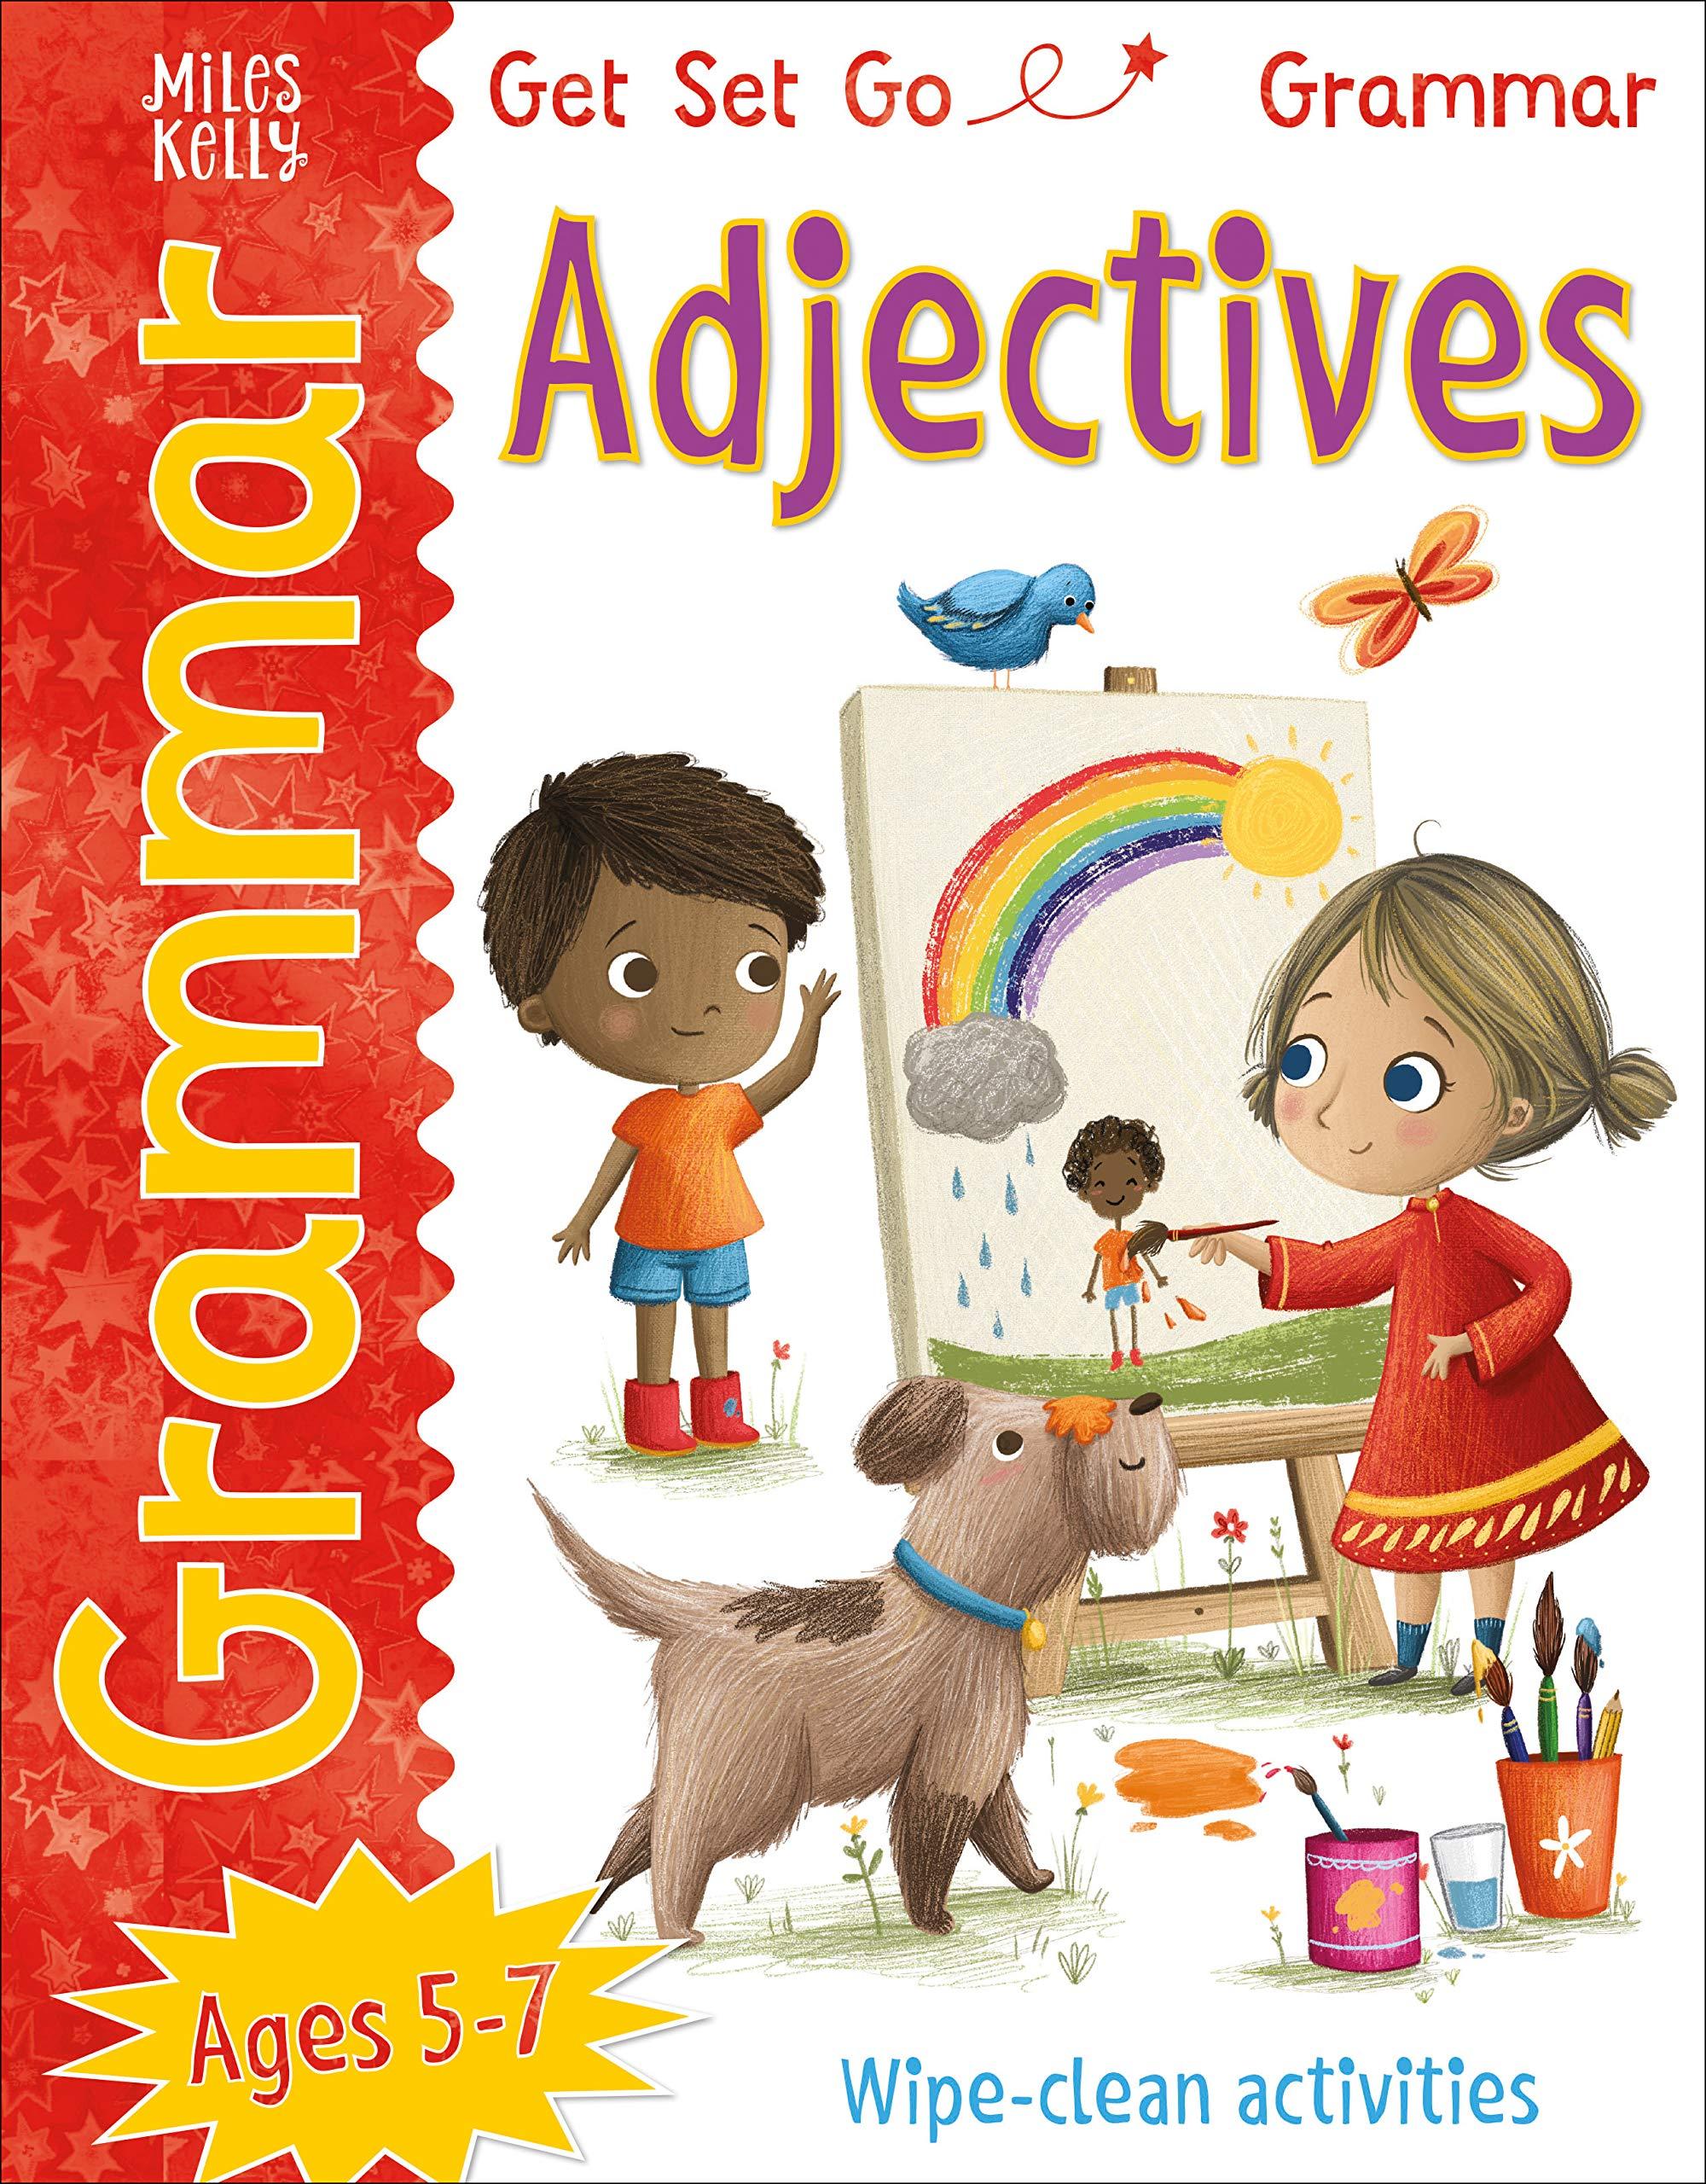 GSG GRAMMAR ADJECTIVES (GET SET GO GRAMMAR)